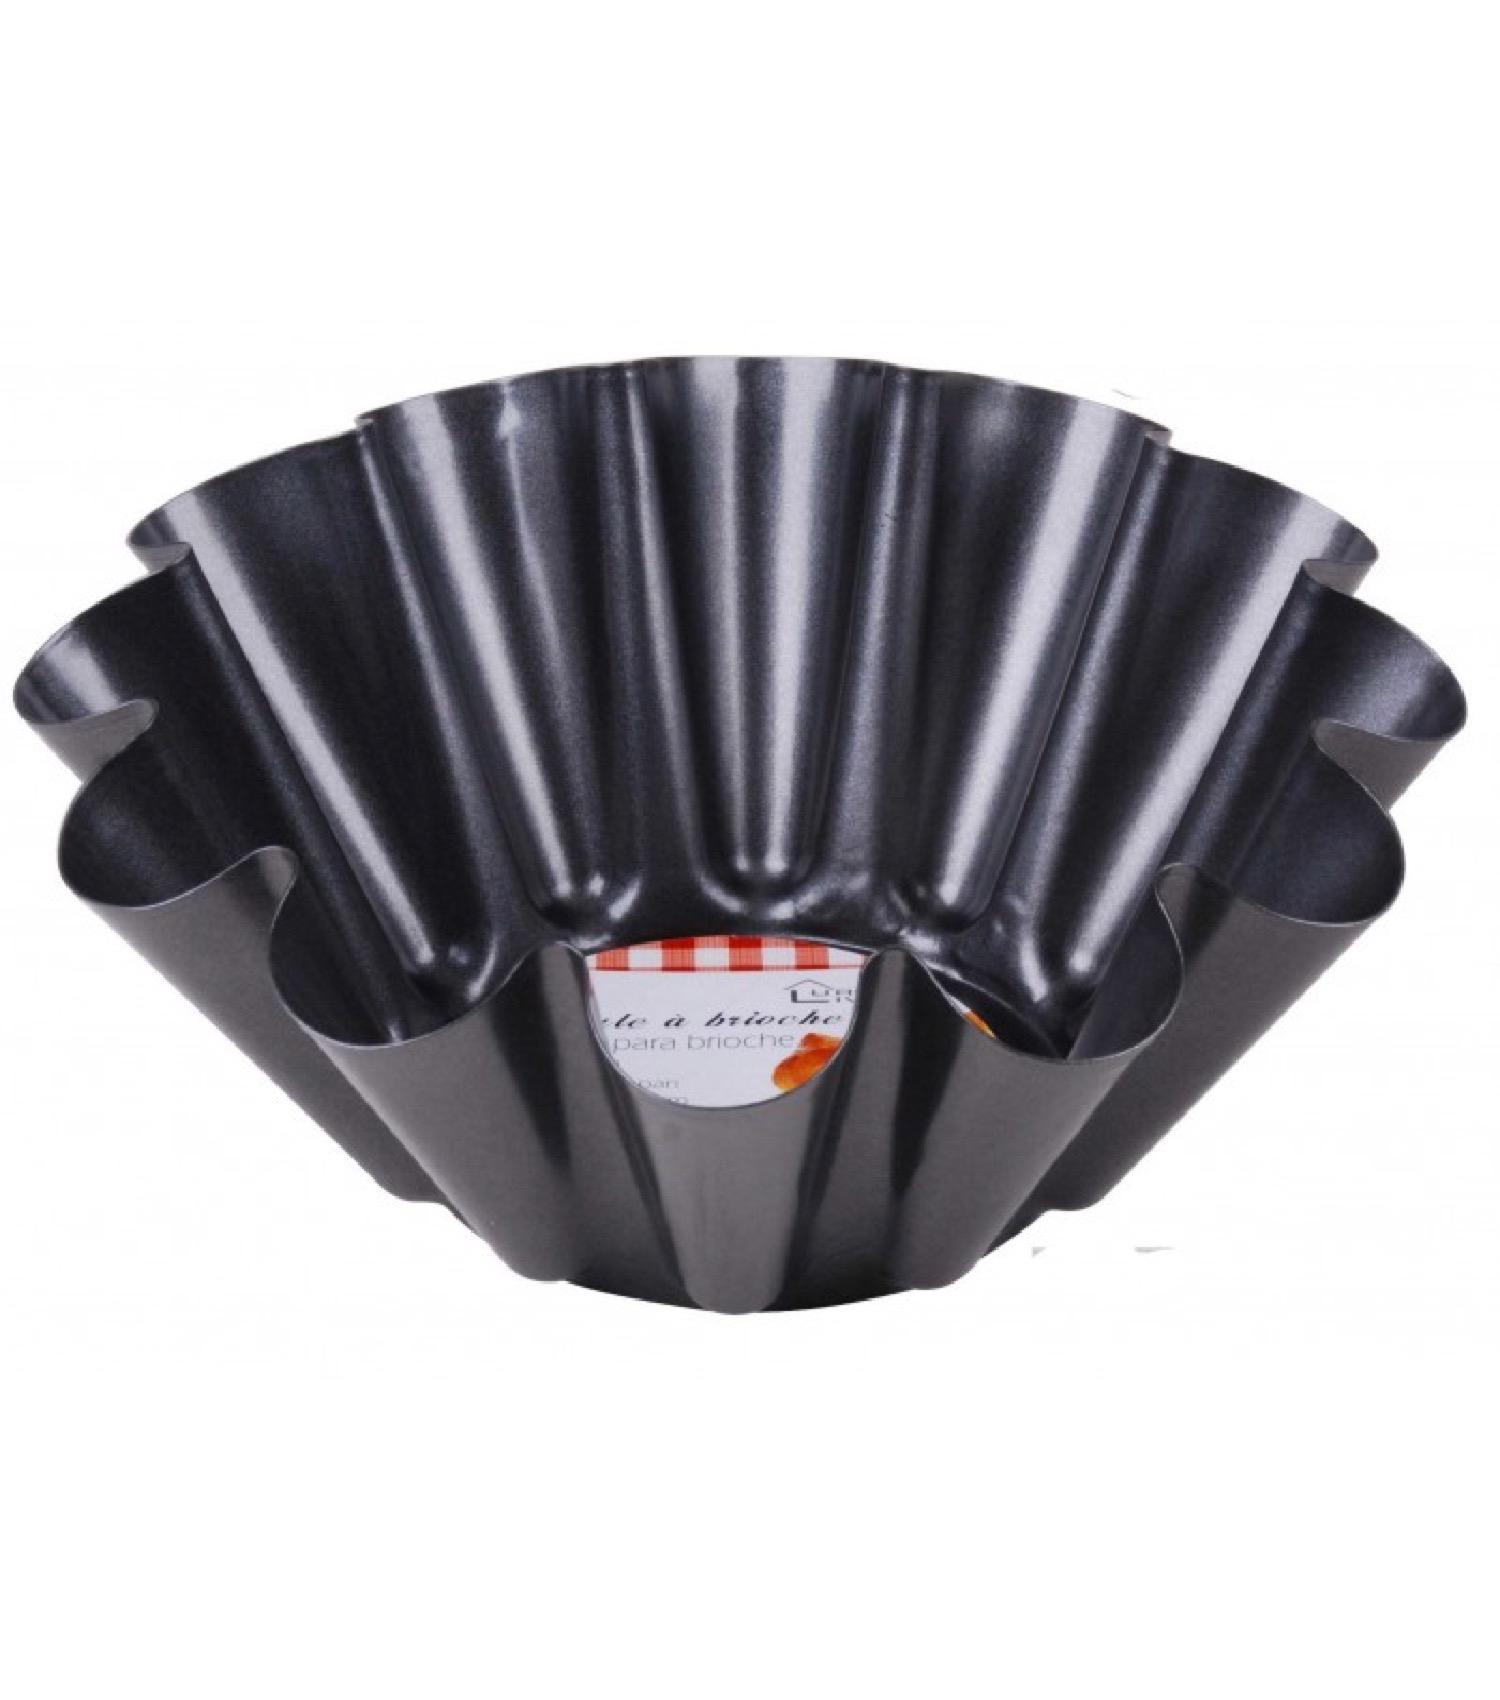 Moule à brioche revêtement anti-adhésif D24cm